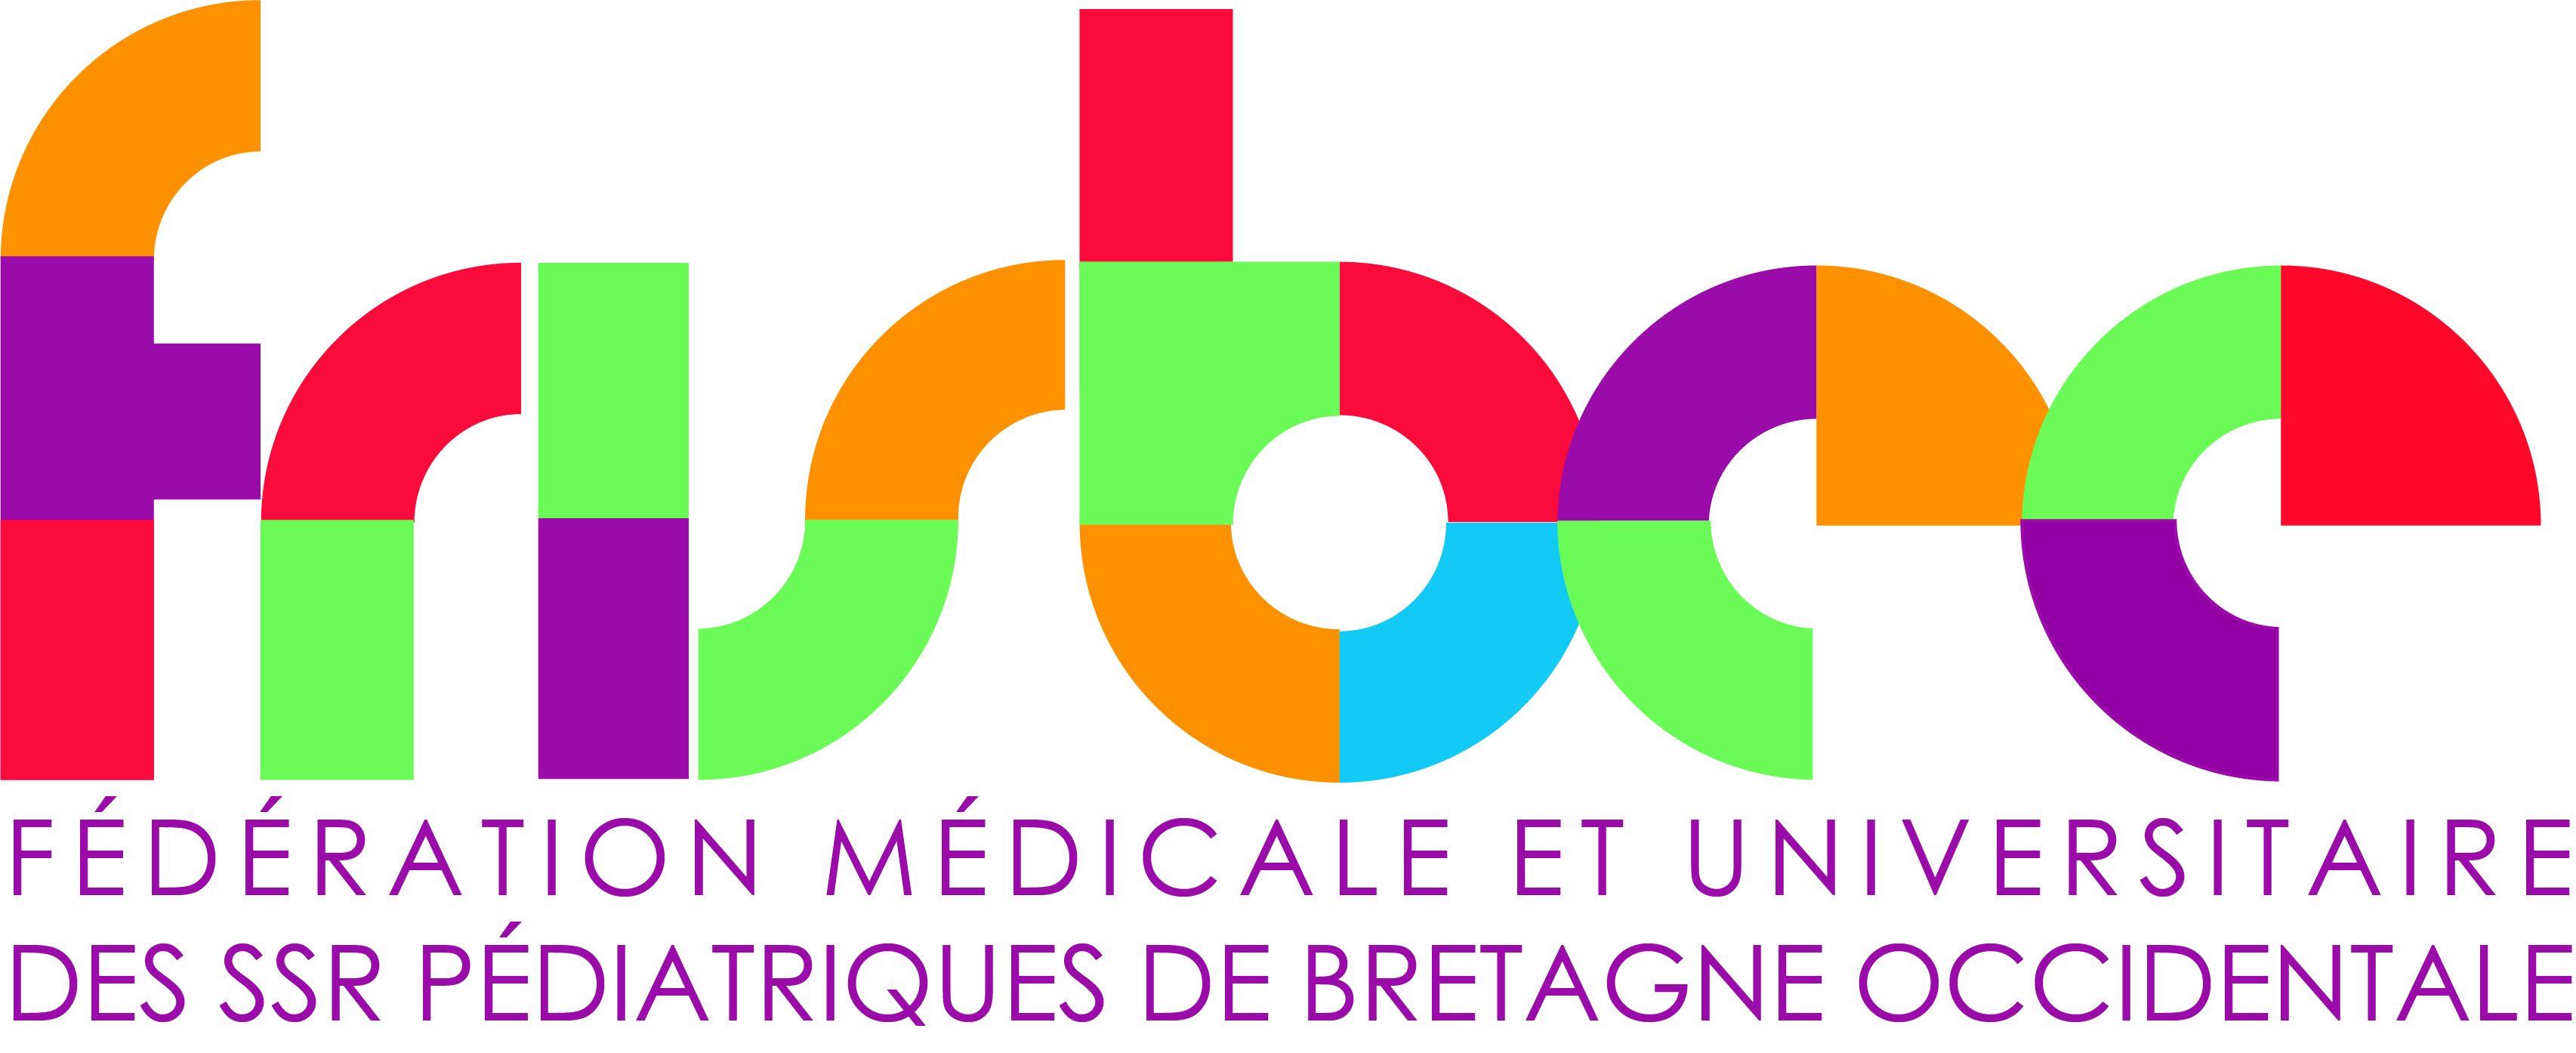 FRISBEE – Fédération Inter-hospitalière et Universitaire des SSR pédiatriques de Bretagne Occidentale